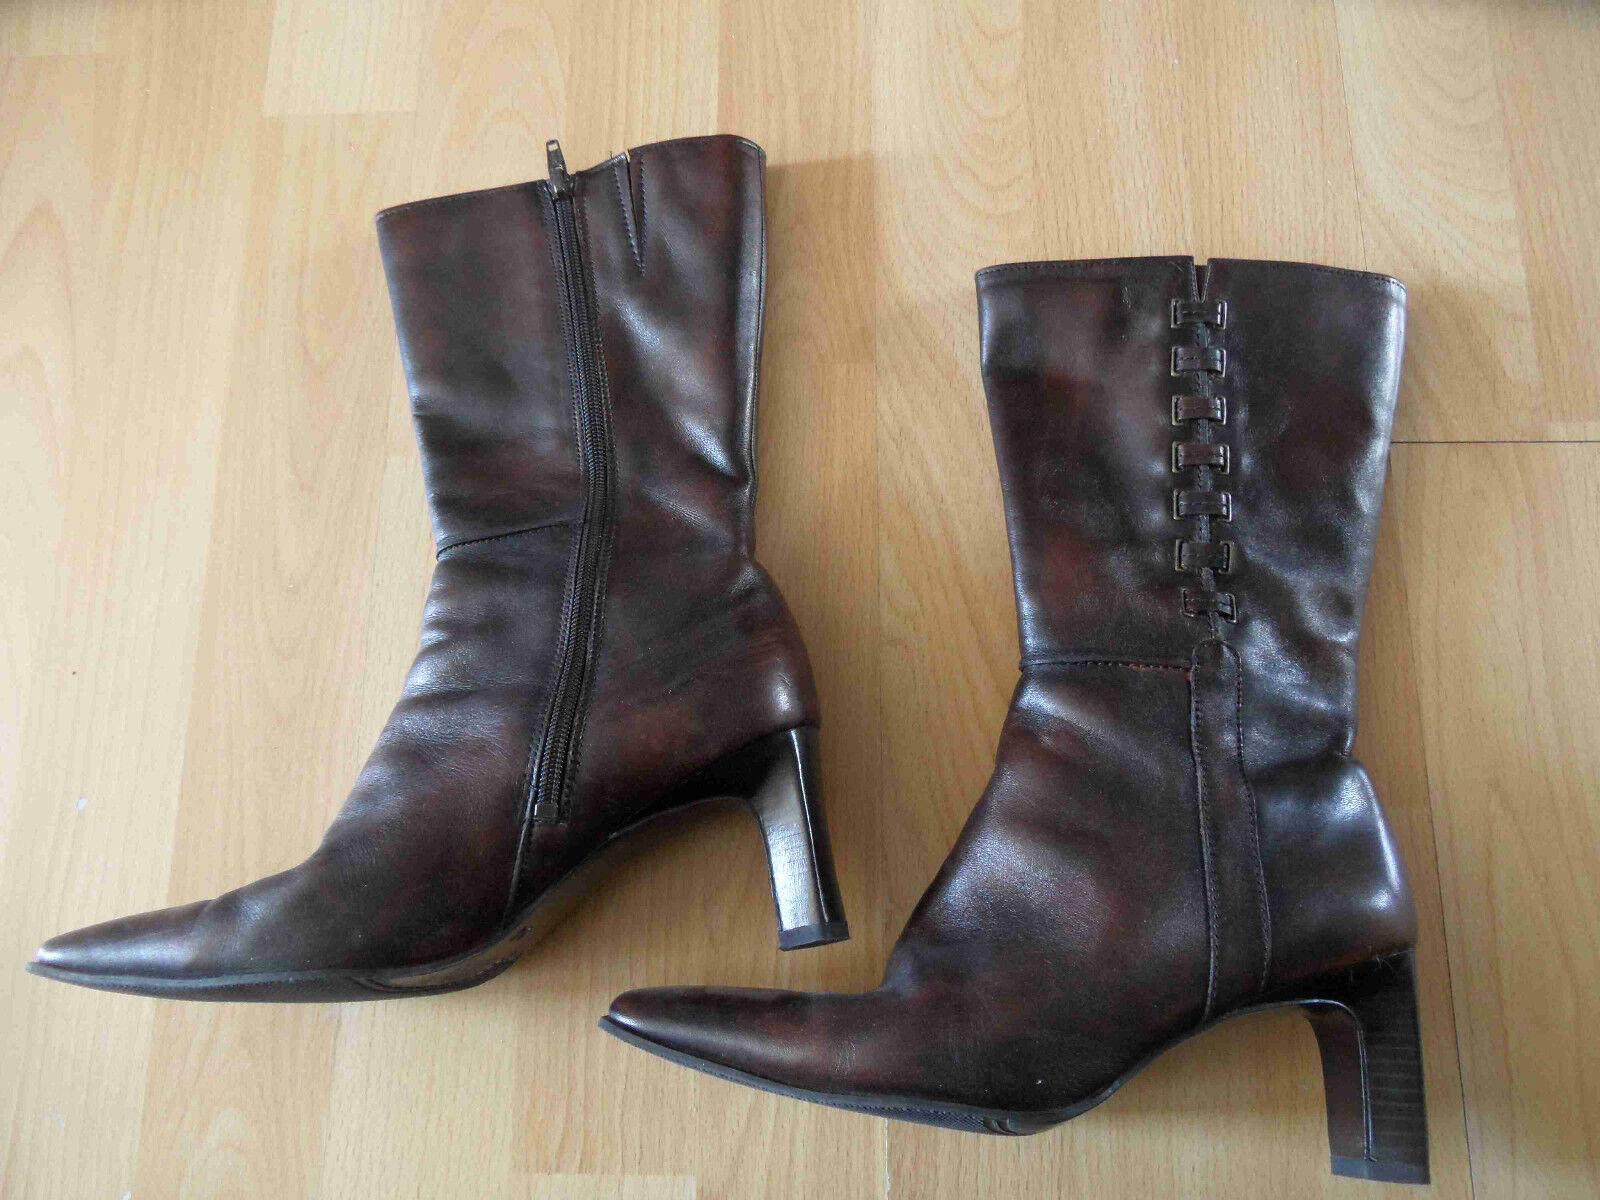 BELLISSIMA schöne Stiefel Antikbrown Gr. 37 TOP RJ316